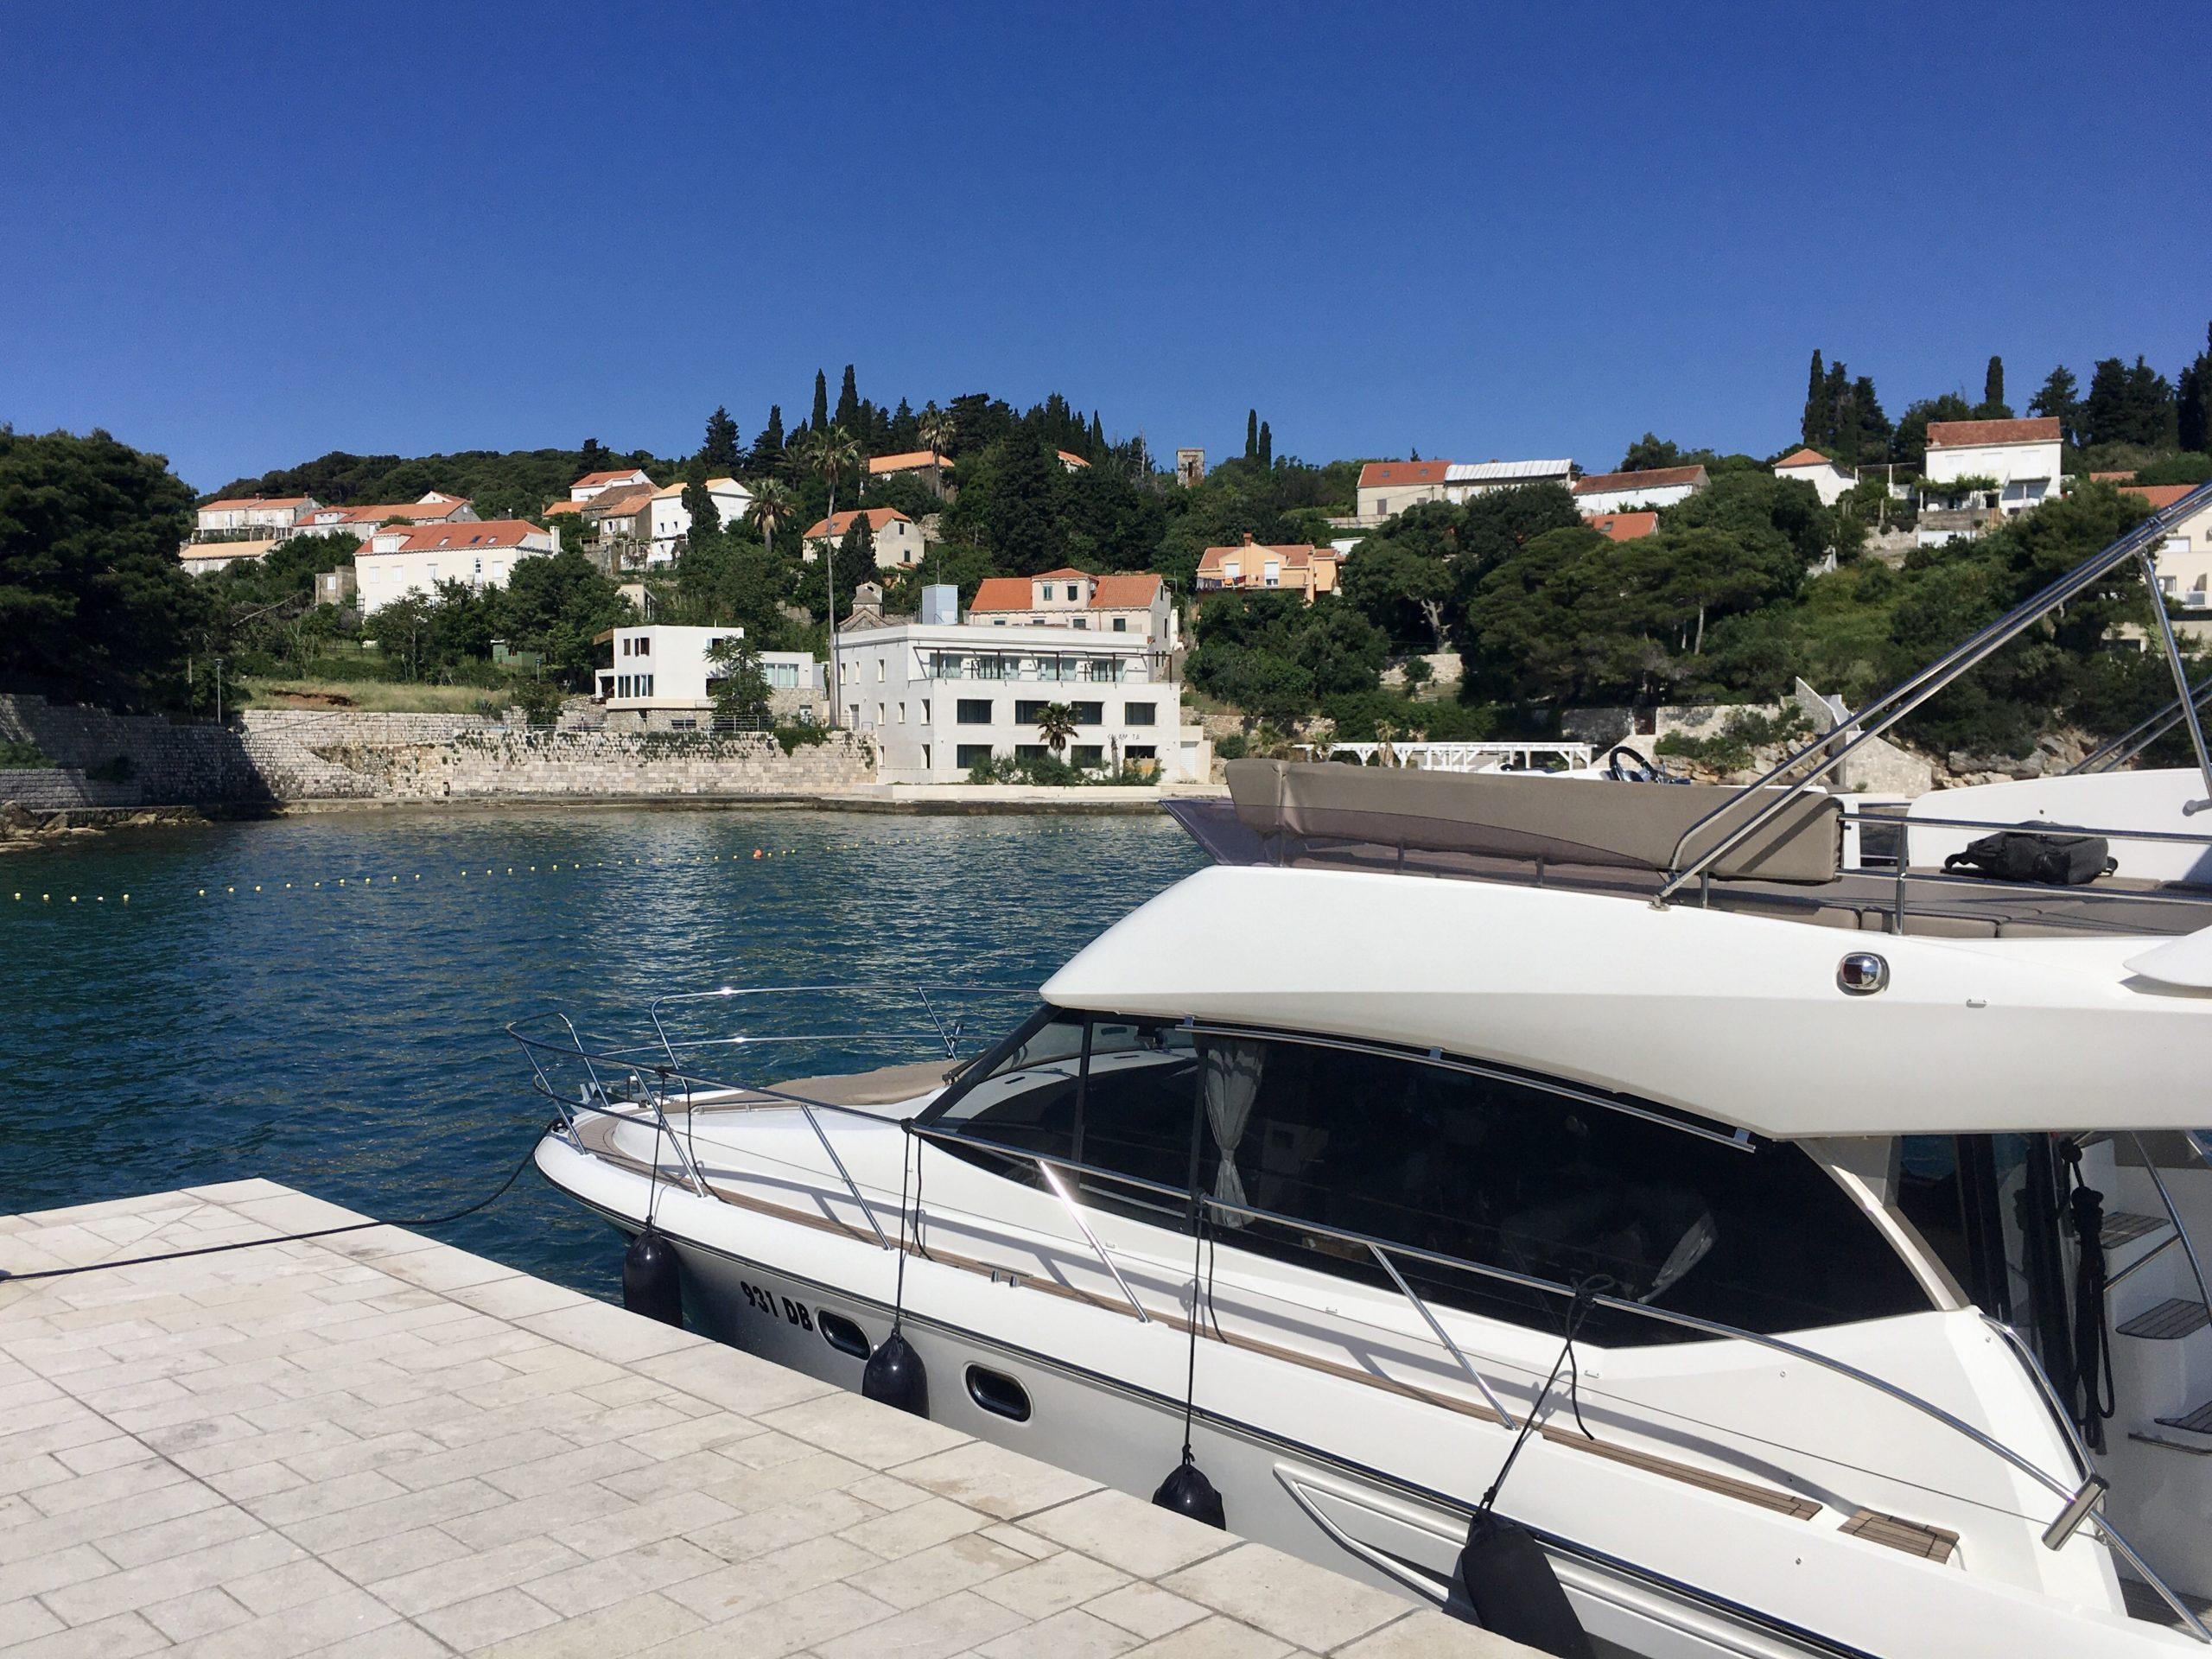 Jacht cumuje w małych portach i kotwiczy w urokliwych zatoczkach